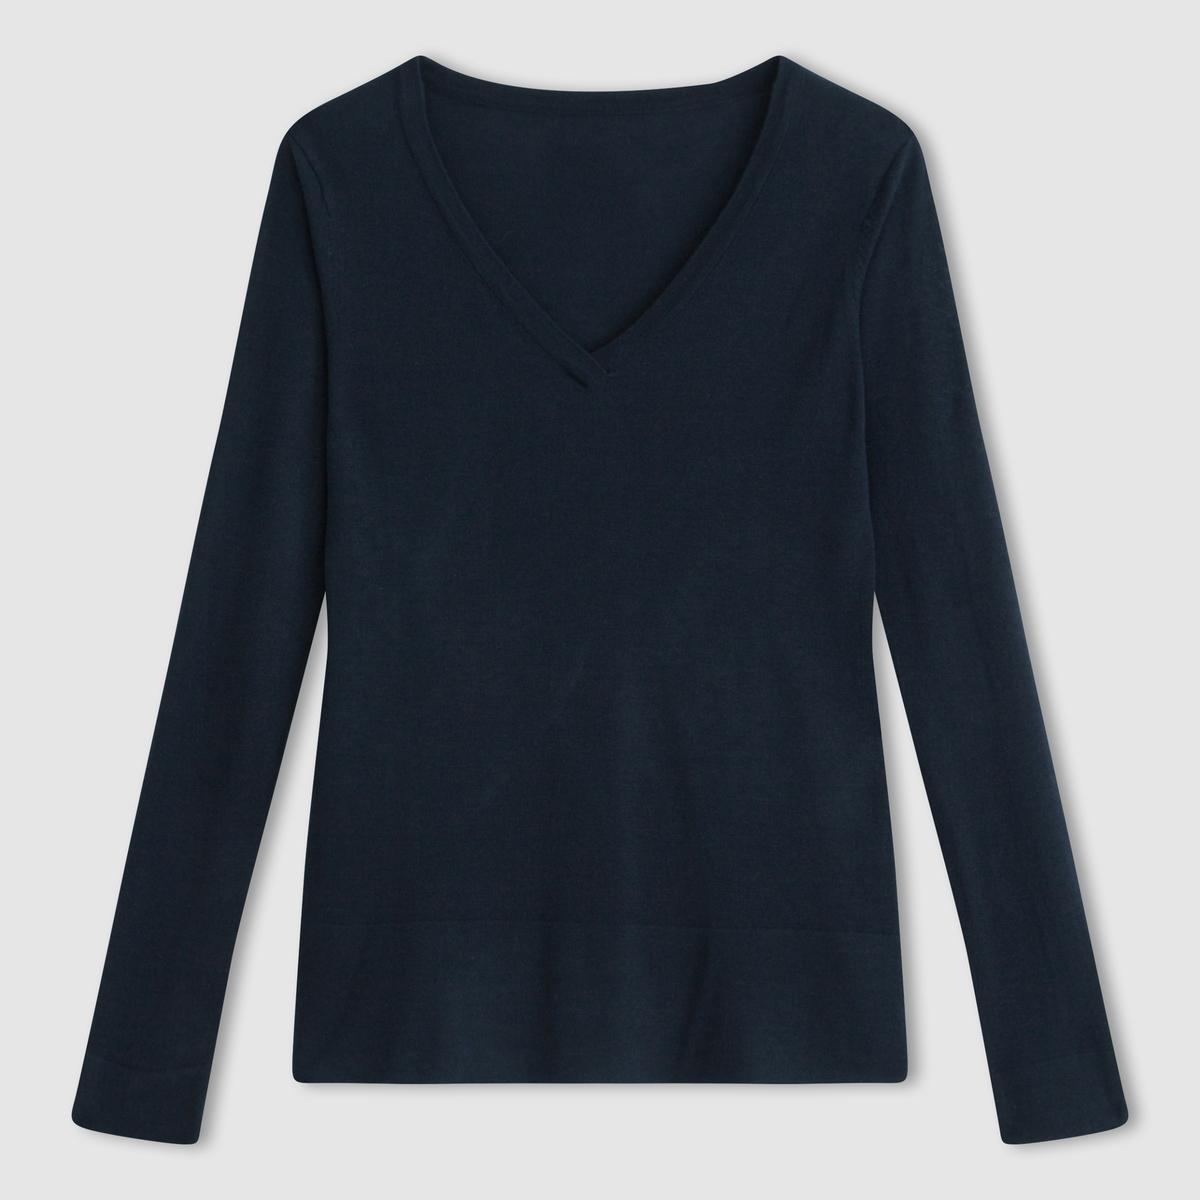 Пуловер объемного покроя с V-образным вырезомПуловер объемного покроя, V-образный вырез. 50% акрила, 50% вискозы. Длинные рукава. Контрастные отвороты низа и манжет.  Длина 66 см.<br><br>Цвет: черный<br>Размер: 42/44 (FR) - 48/50 (RUS)